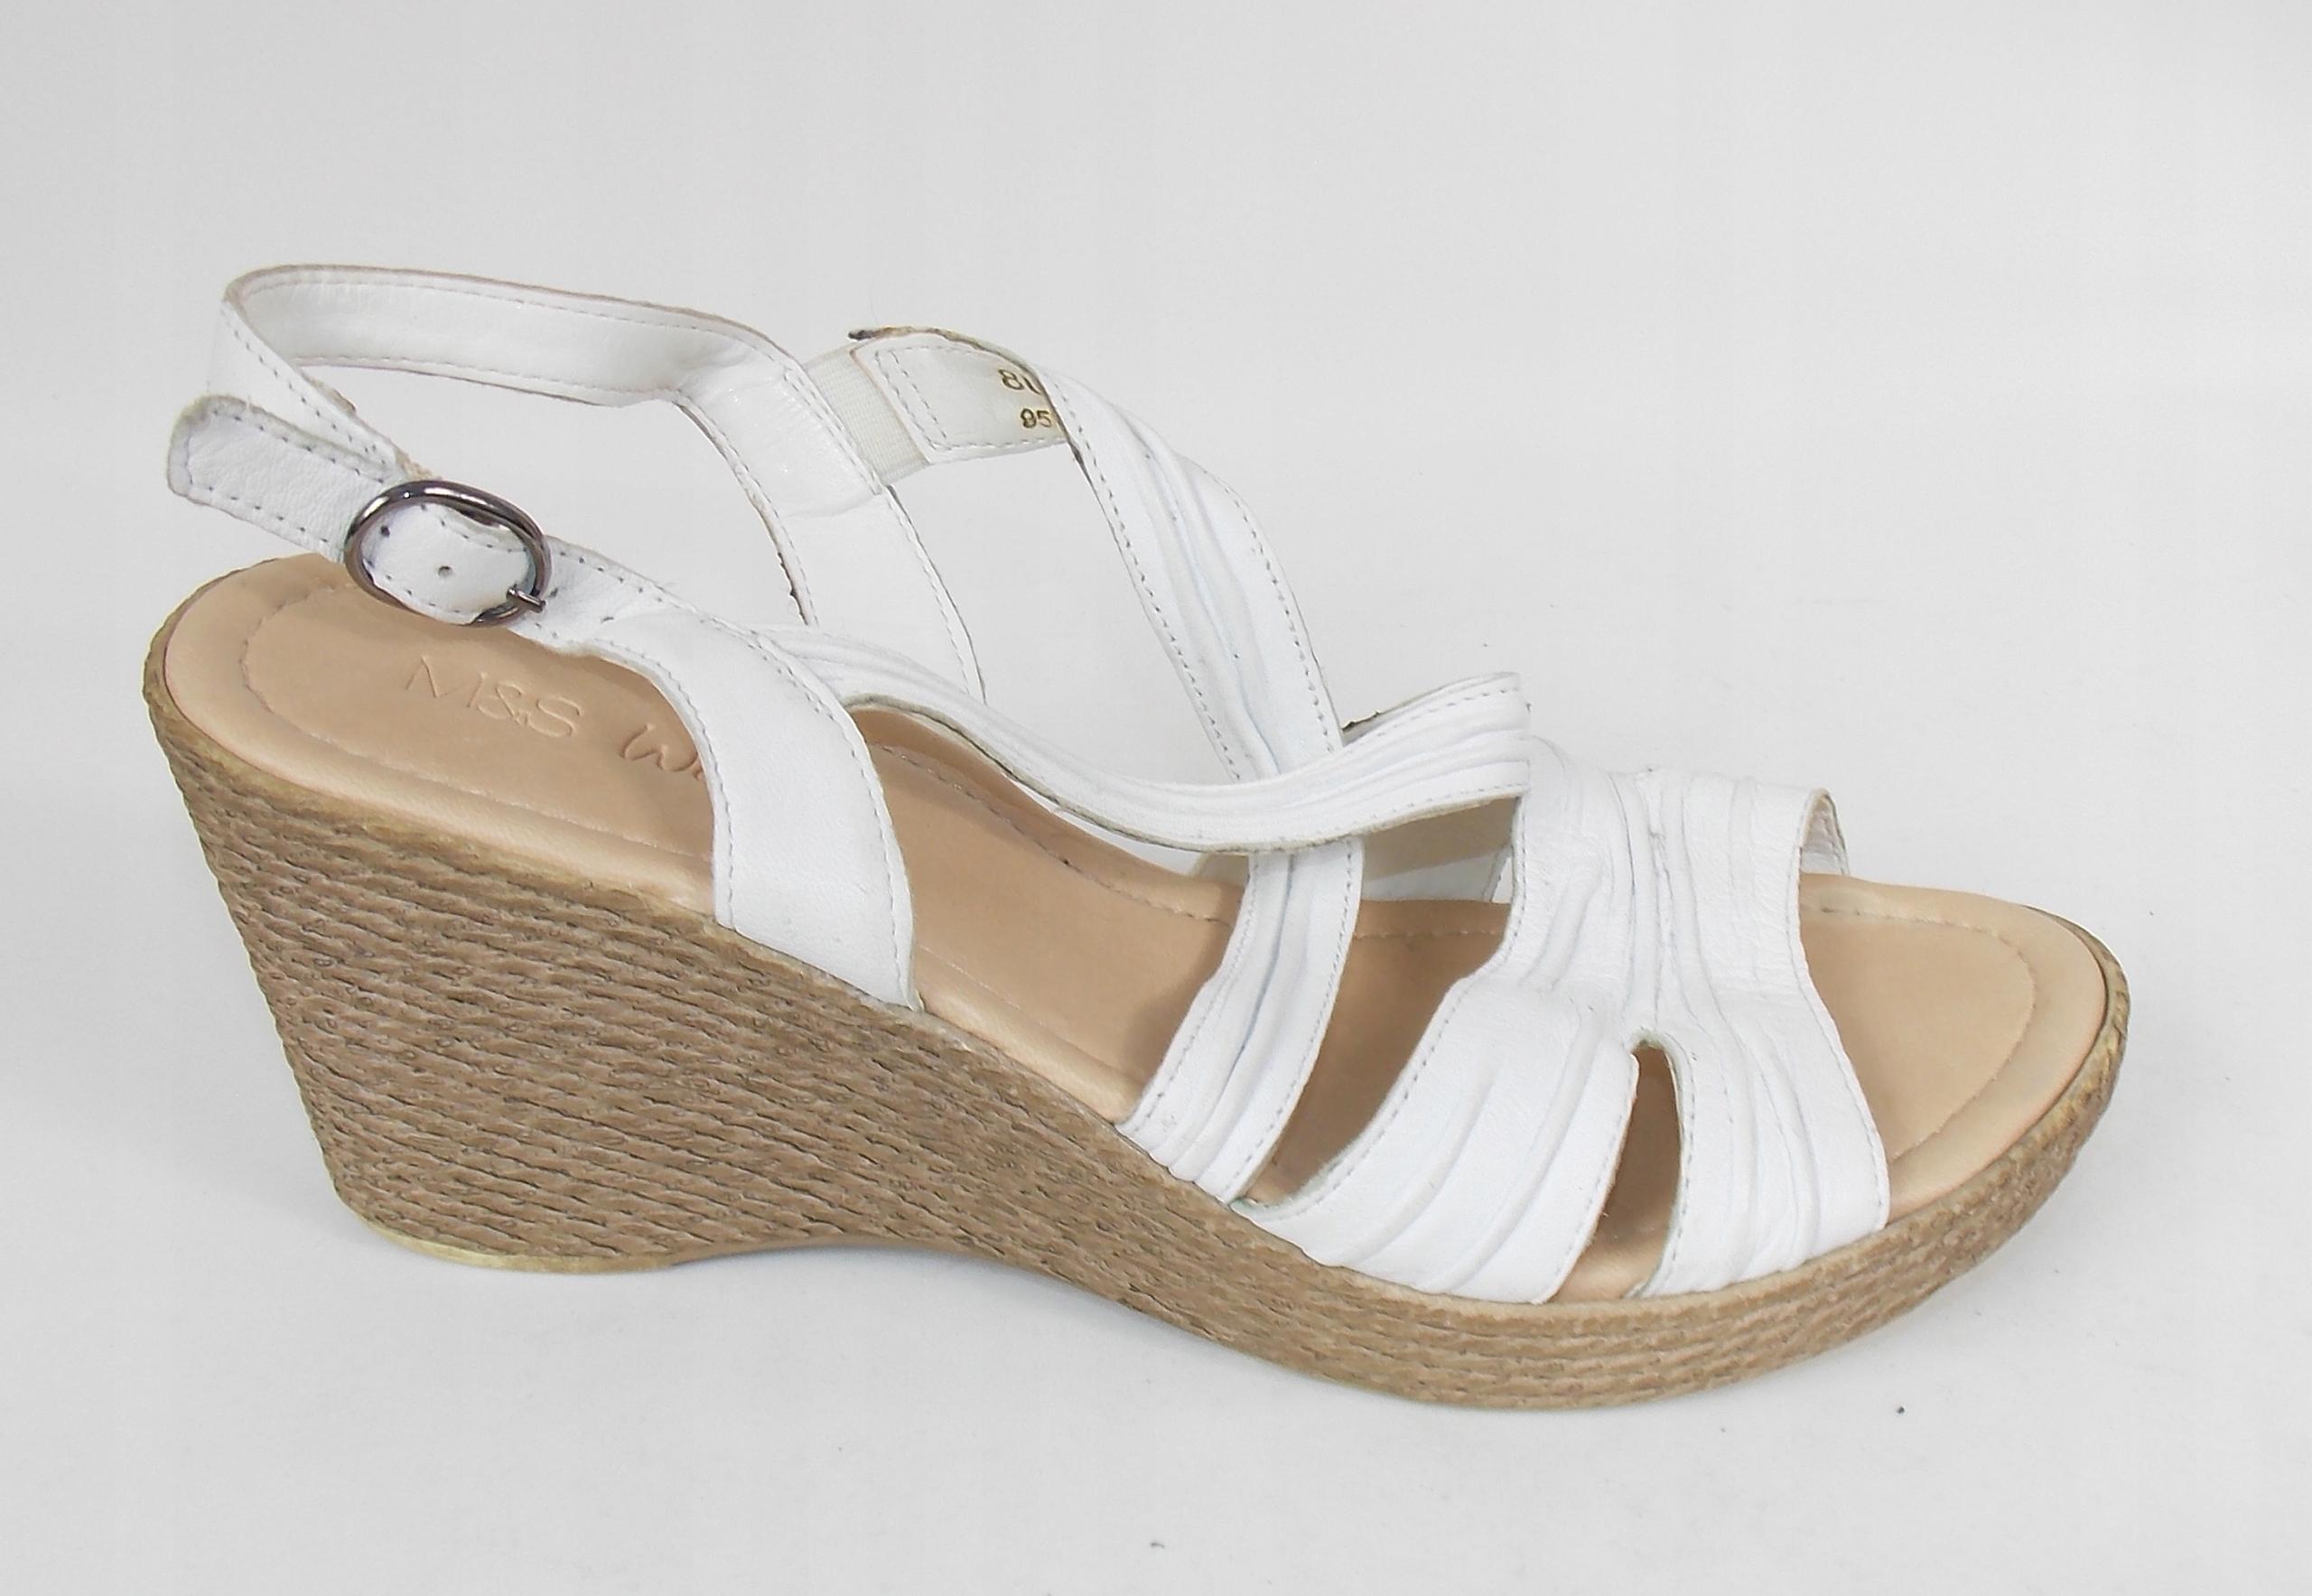 sandały M&S styl CLARKS klasyczne lekkie 41